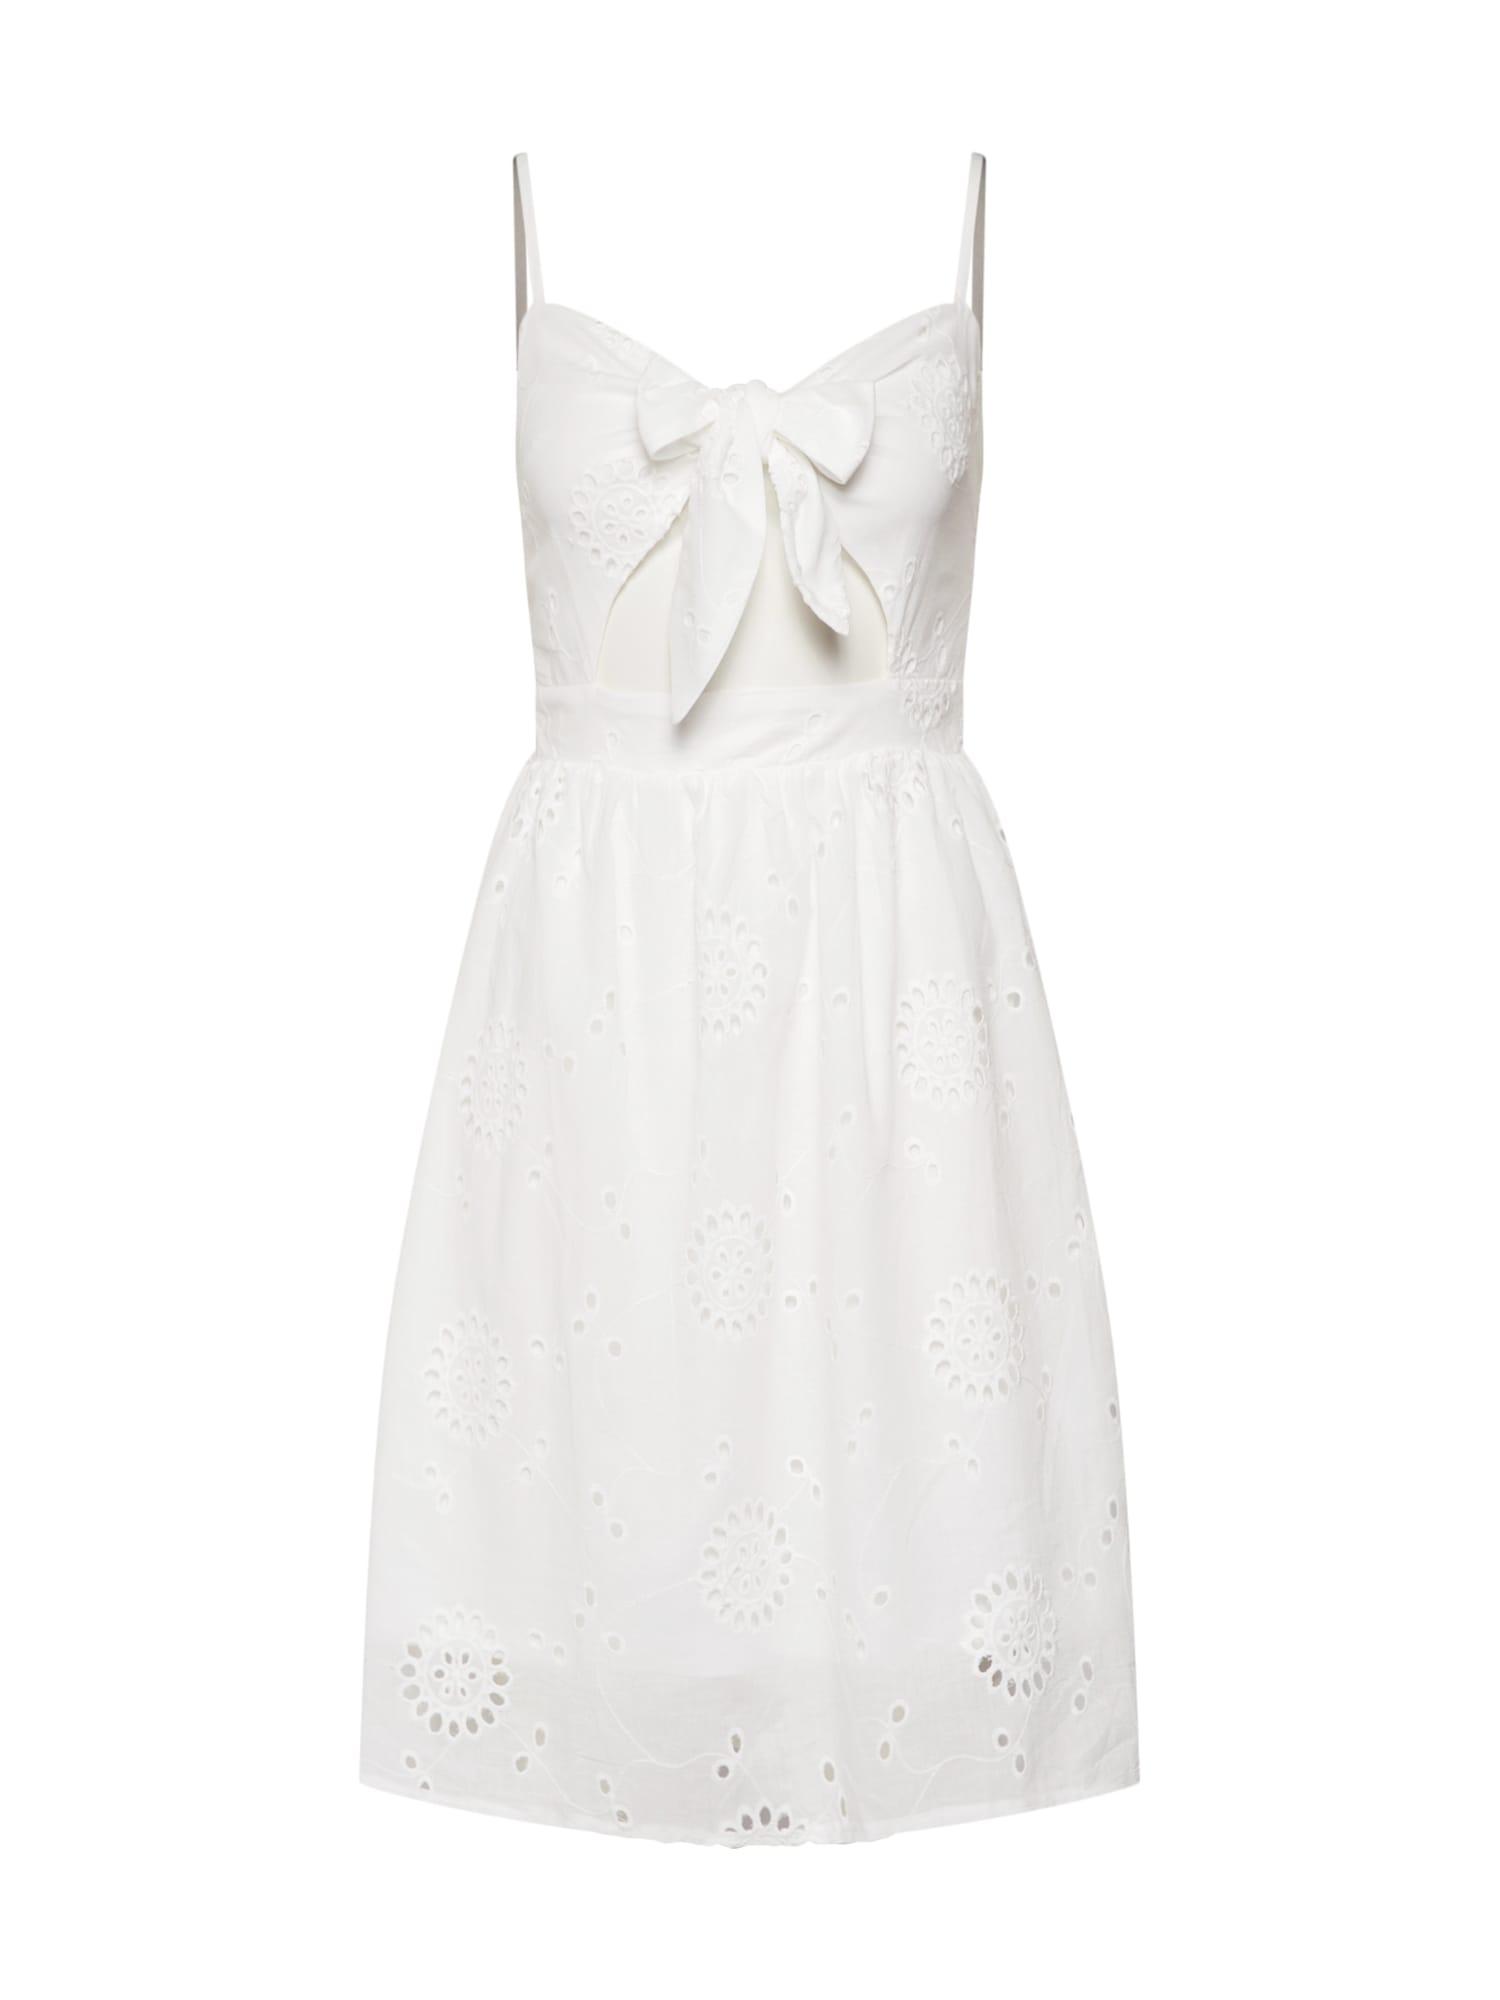 Sommerkleid 'Tie Front Broderie' | Bekleidung > Kleider > Sommerkleider | Missguided